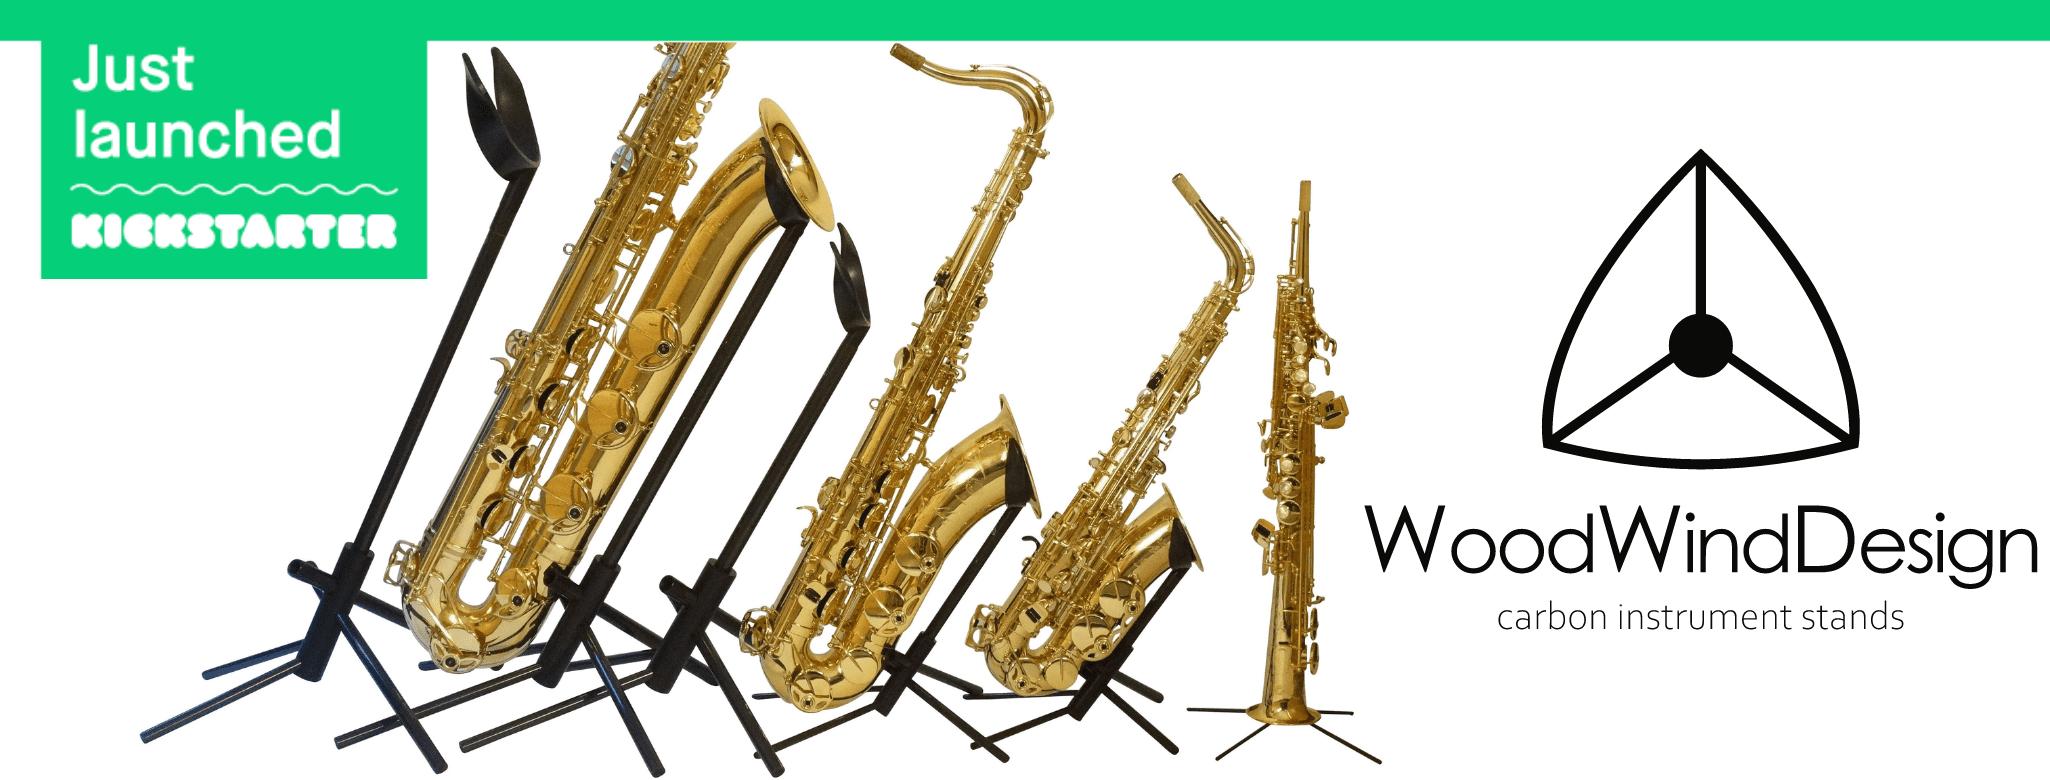 WoodWindDesign Kickstarter banner